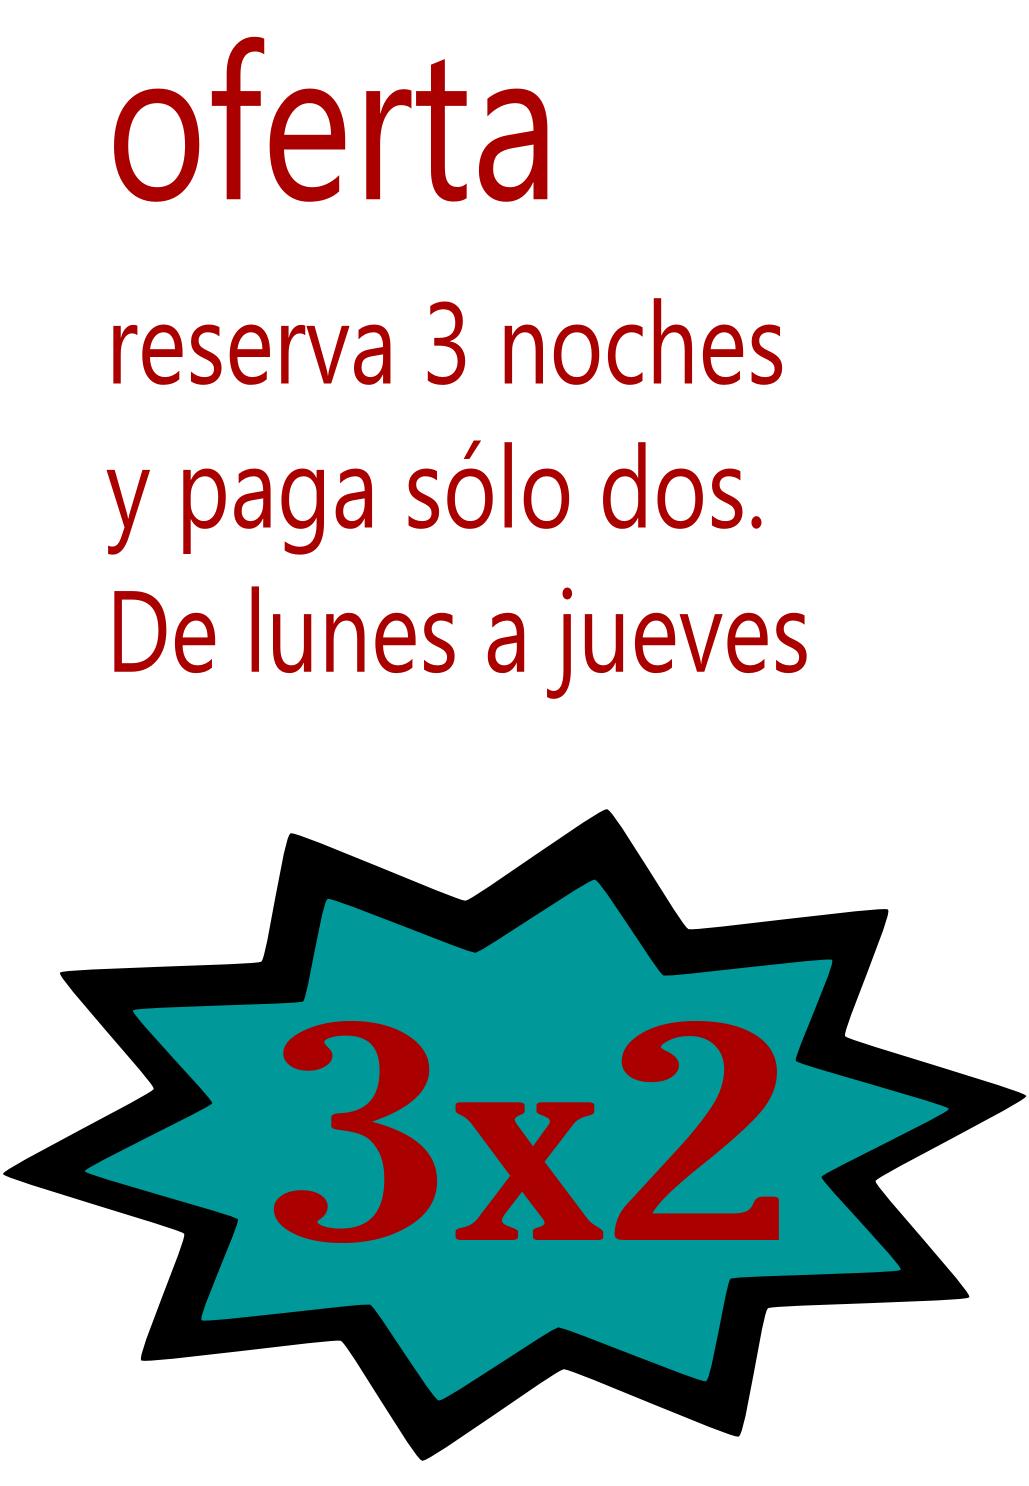 Oferta 3x2 casa rural Burgos